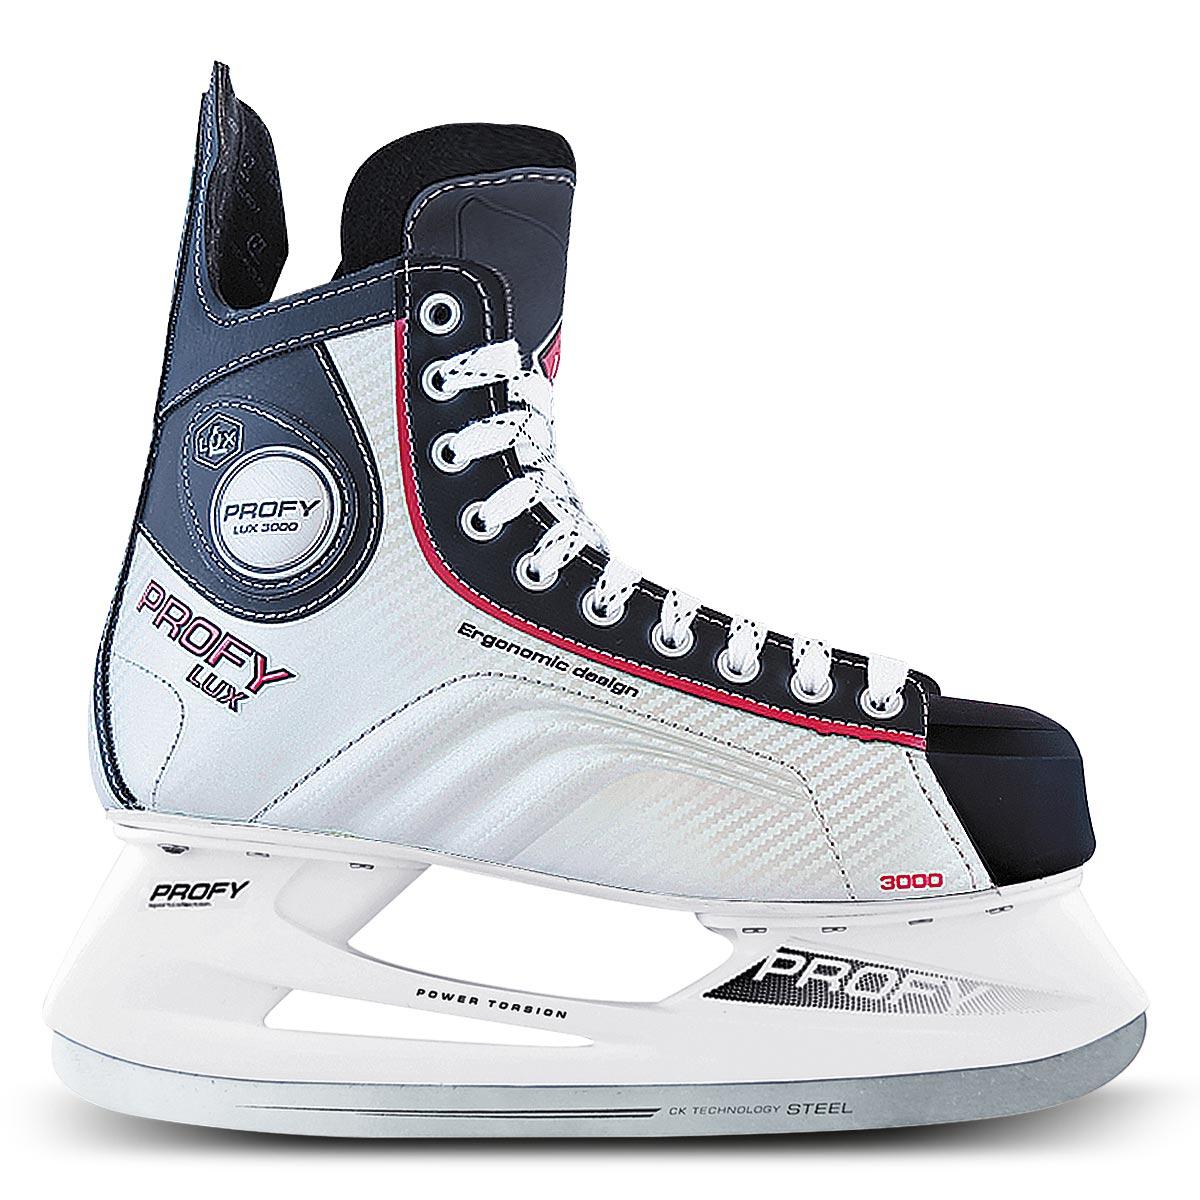 Коньки хоккейные мужские СК Profy Lux 3000, цвет: черный, серебряный, красный. Размер 44PROFY LUX 3000 Red_44Стильные коньки от CK Profy Lux 3000 Blue прекрасно подойдут для начинающих игроков в хоккей. Ботинок выполнен из морозоустойчивой искусственной кожи и ПВХ с высокой, плотной колодкой и усиленным задником, обеспечивающим боковую поддержку ноги. Мыс дополнен вставкой, которая защитит ноги от ударов. Внутренний слой и стелька изготовлены из мягкого трикотажа, который обеспечит тепло и комфорт во время катания, язычок - из войлока. Плотная шнуровка надежно фиксирует модель на ноге. Голеностоп имеет удобный суппорт. По бокам, на язычке и заднике коньки декорированы принтом и тиснением в виде логотипа бренда. Подошва - из твердого пластика. Стойка выполнена из ударопрочного поливинилхлорида. Лезвие из нержавеющей стали обеспечит превосходное скольжение. Оригинальные коньки придутся вам по душе.